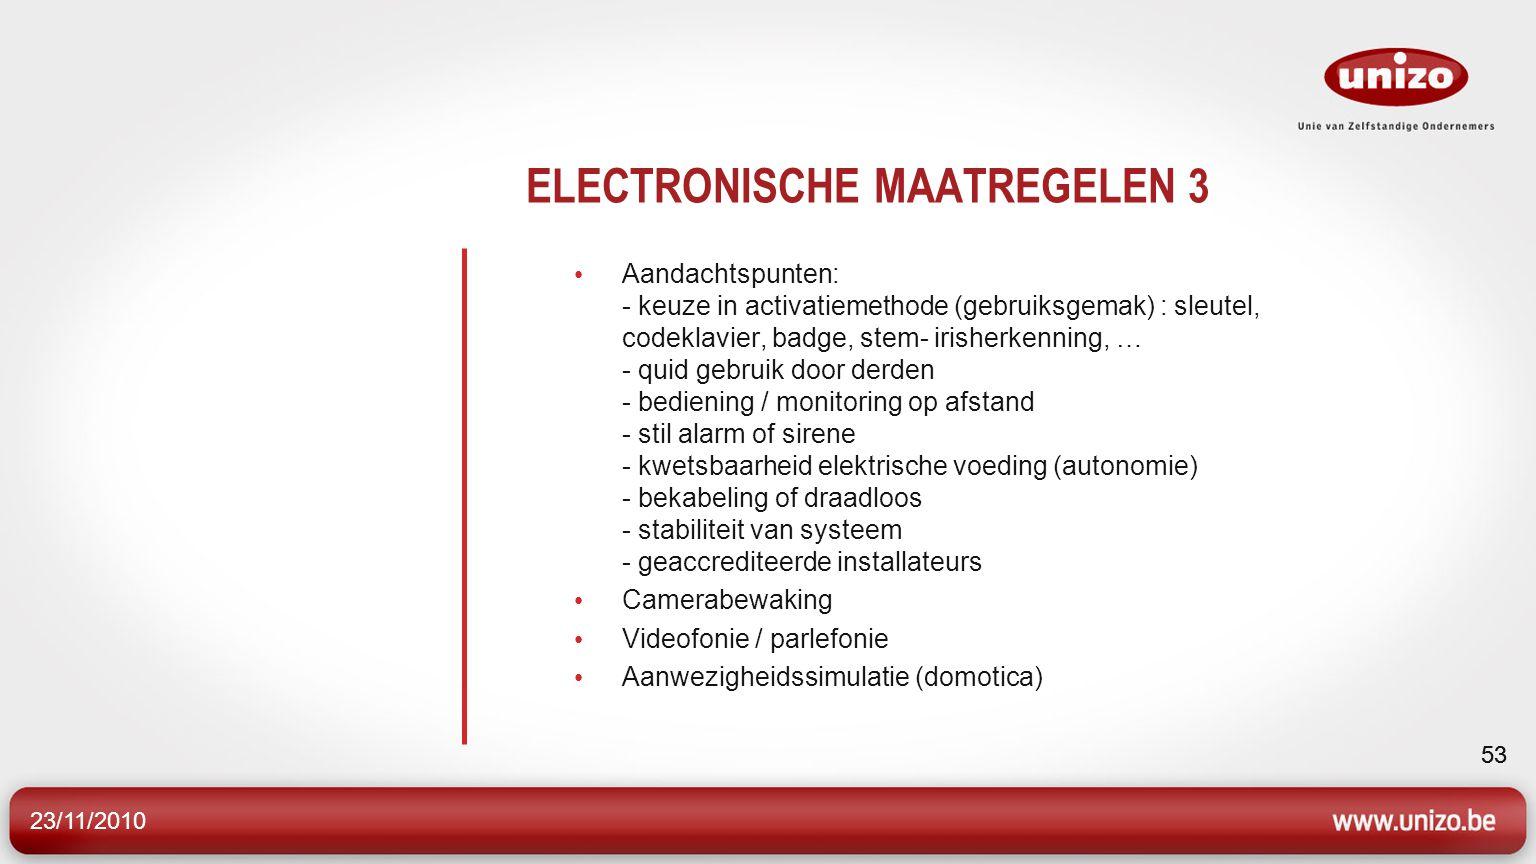 23/11/2010 53 ELECTRONISCHE MAATREGELEN 3 Aandachtspunten: - keuze in activatiemethode (gebruiksgemak) : sleutel, codeklavier, badge, stem- irisherken